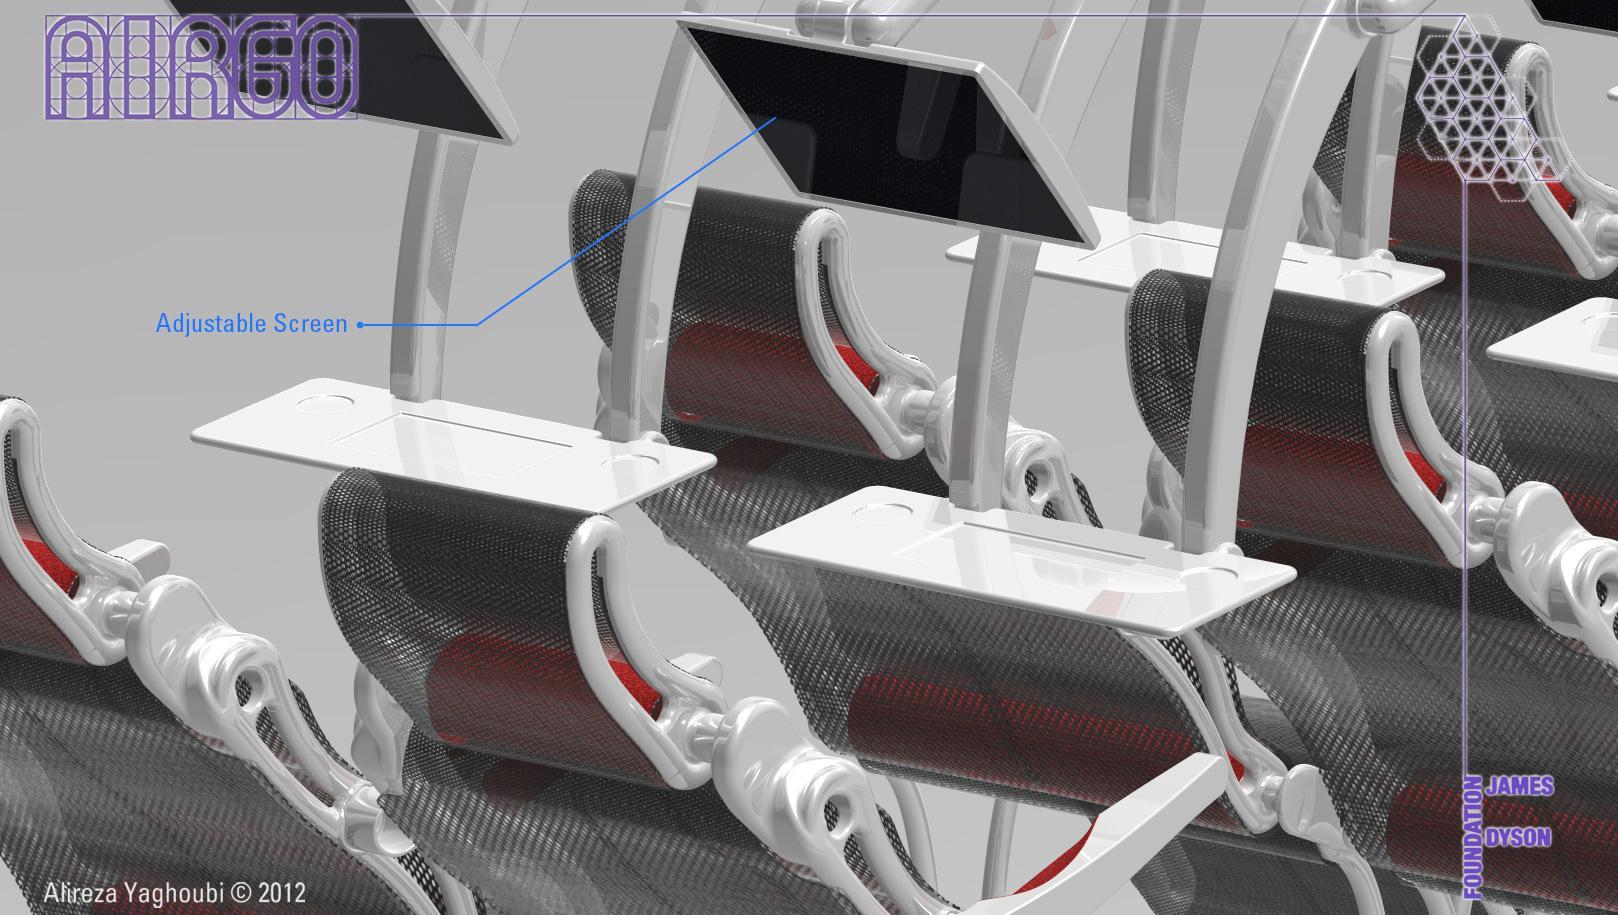 airgo-airline-seat-design